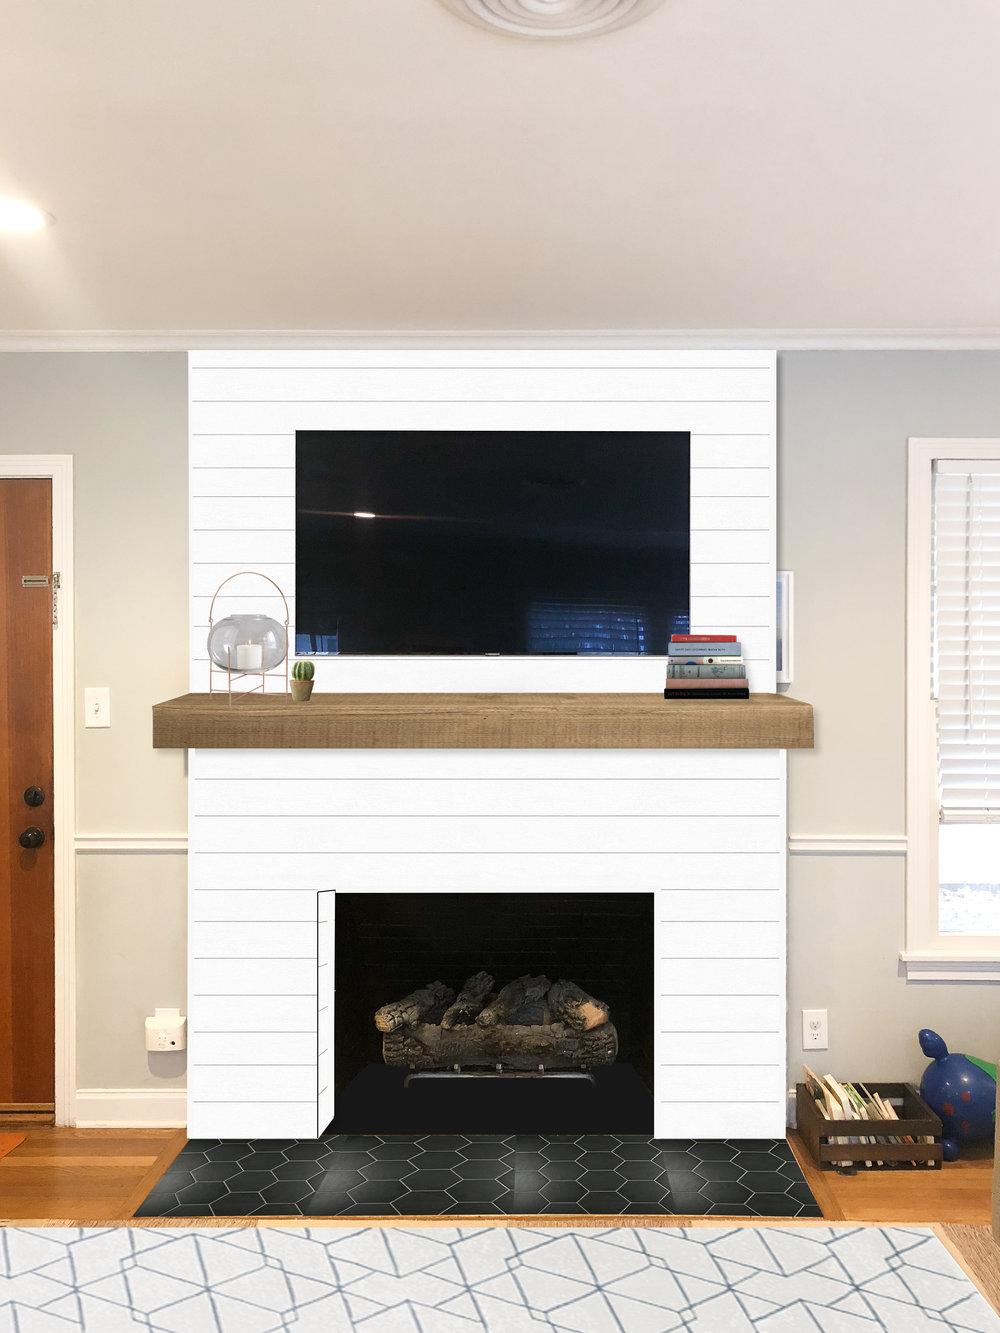 Love-Ding-Blog-Ask-Ding-E-Design-Fireplace-Mantle-Update.jpg